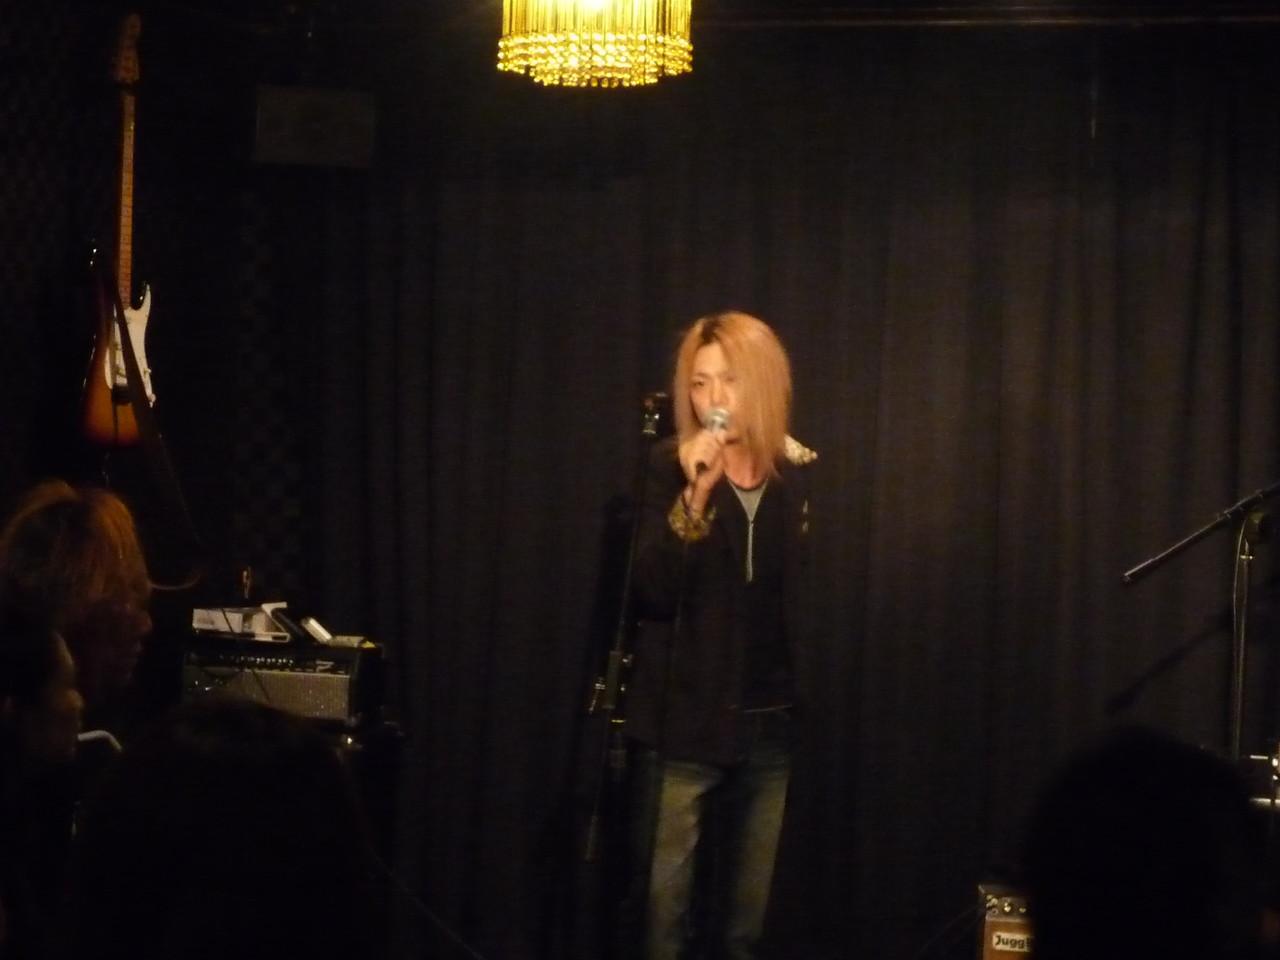 YUSHI(X-HIROSHIMA)ソロ♪ 迫力ある素晴らしい歌声で会場を盛り上げました♪